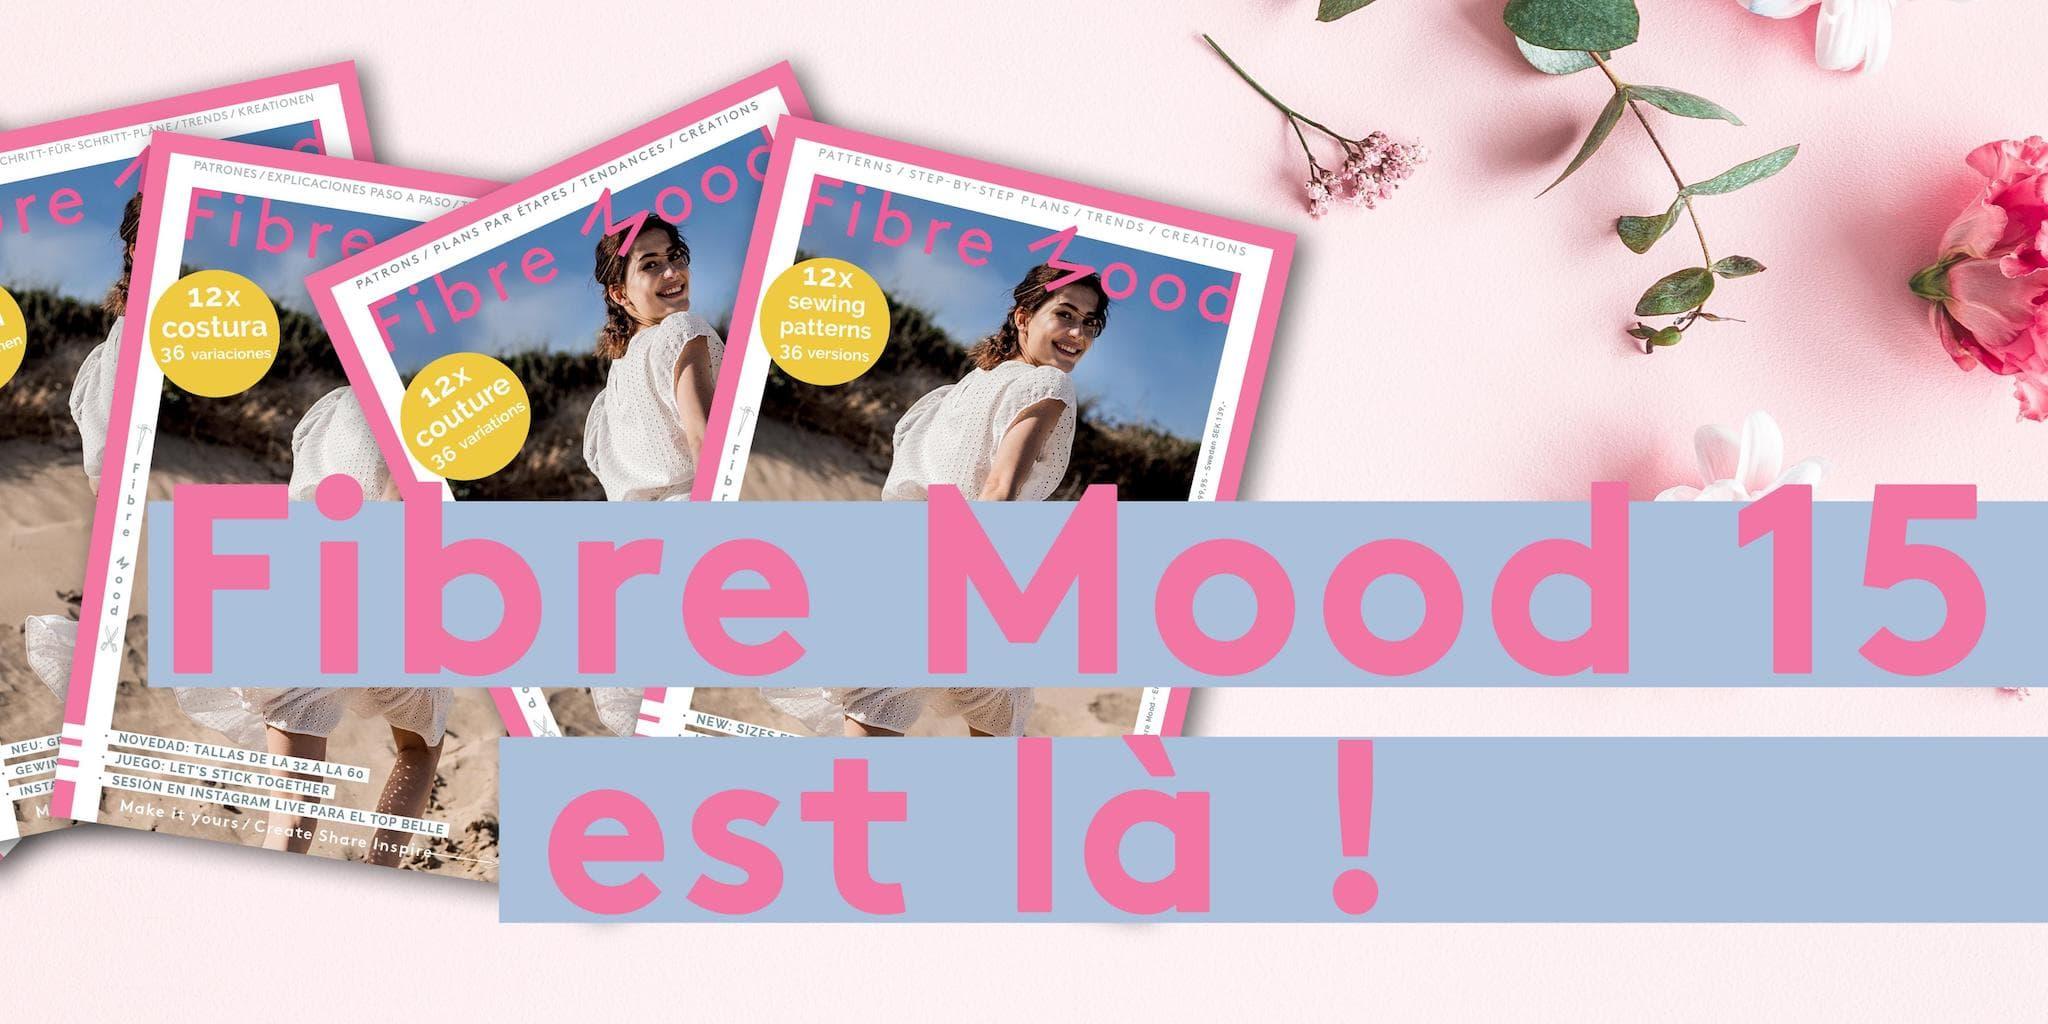 Fibre Mood - Livre de Patrons n°15 @ Coup de coudre